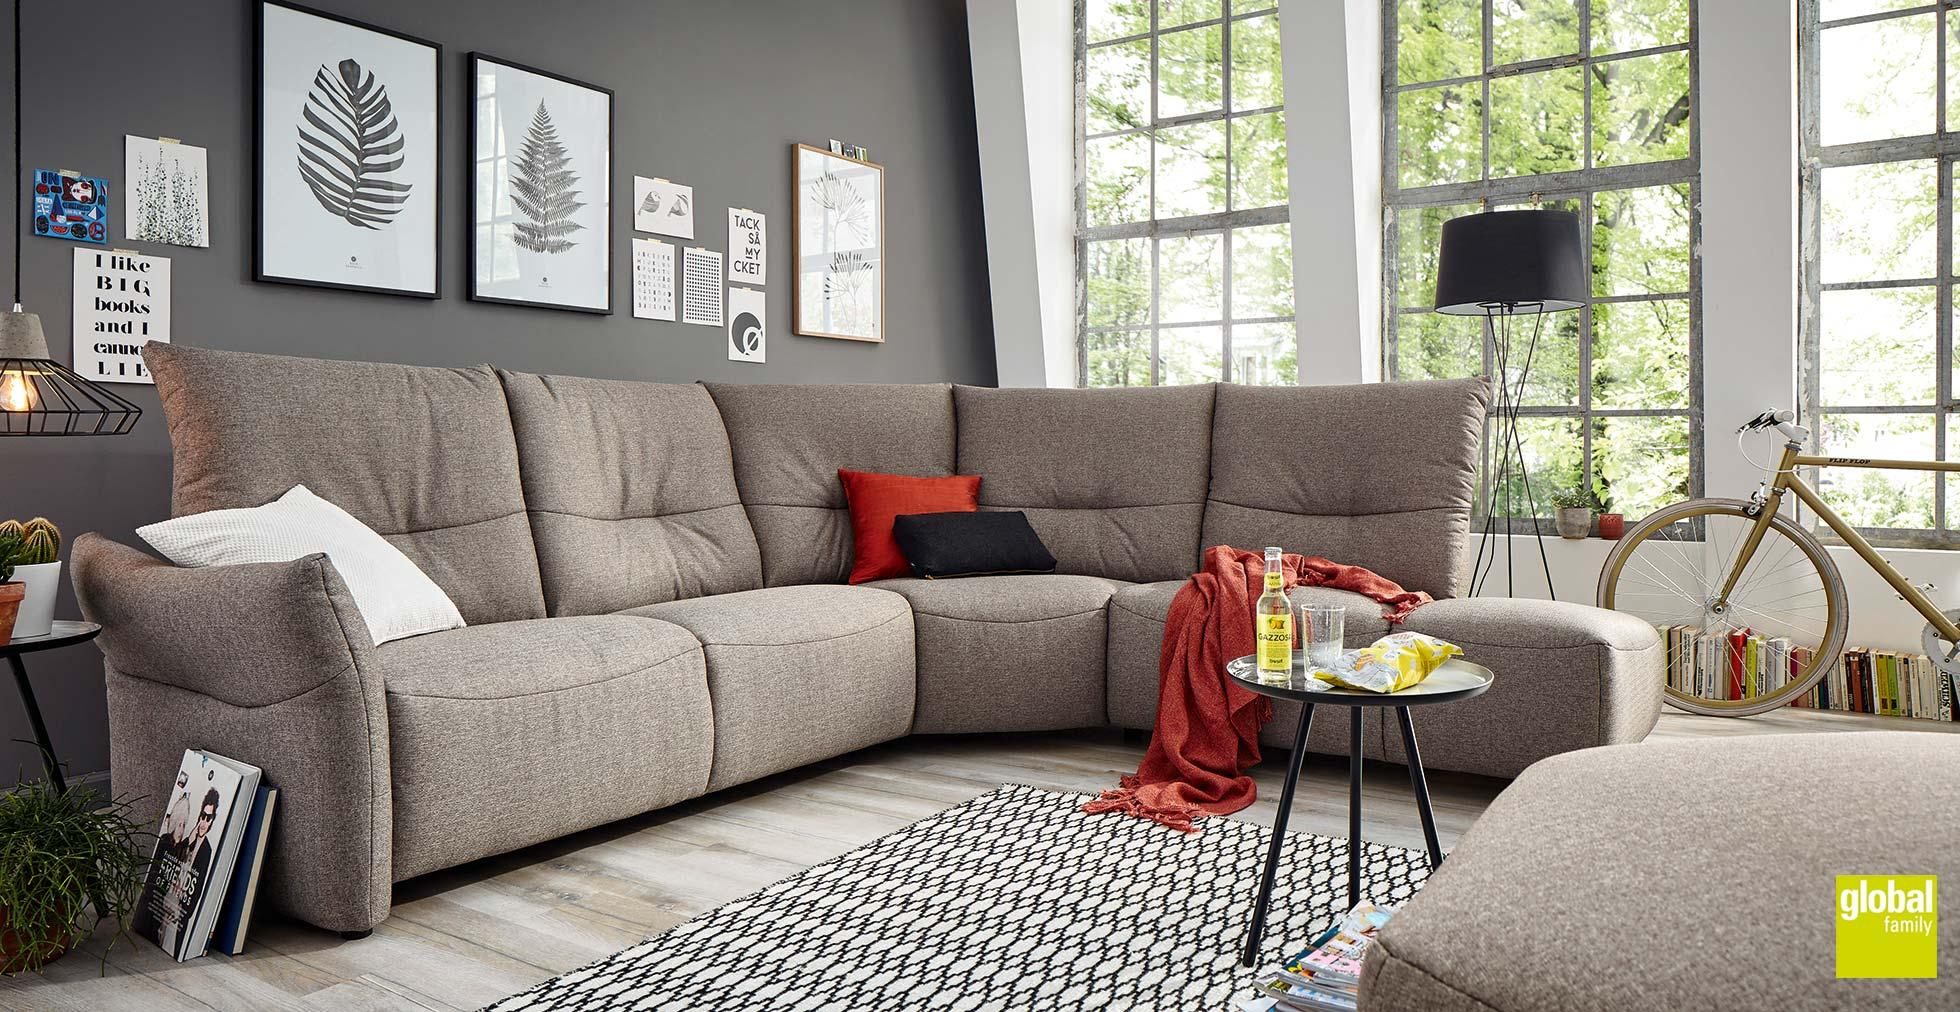 global mataro von global wohnen in norden ot neustadt nahe emden wilhelmshafen und bremerhaven. Black Bedroom Furniture Sets. Home Design Ideas